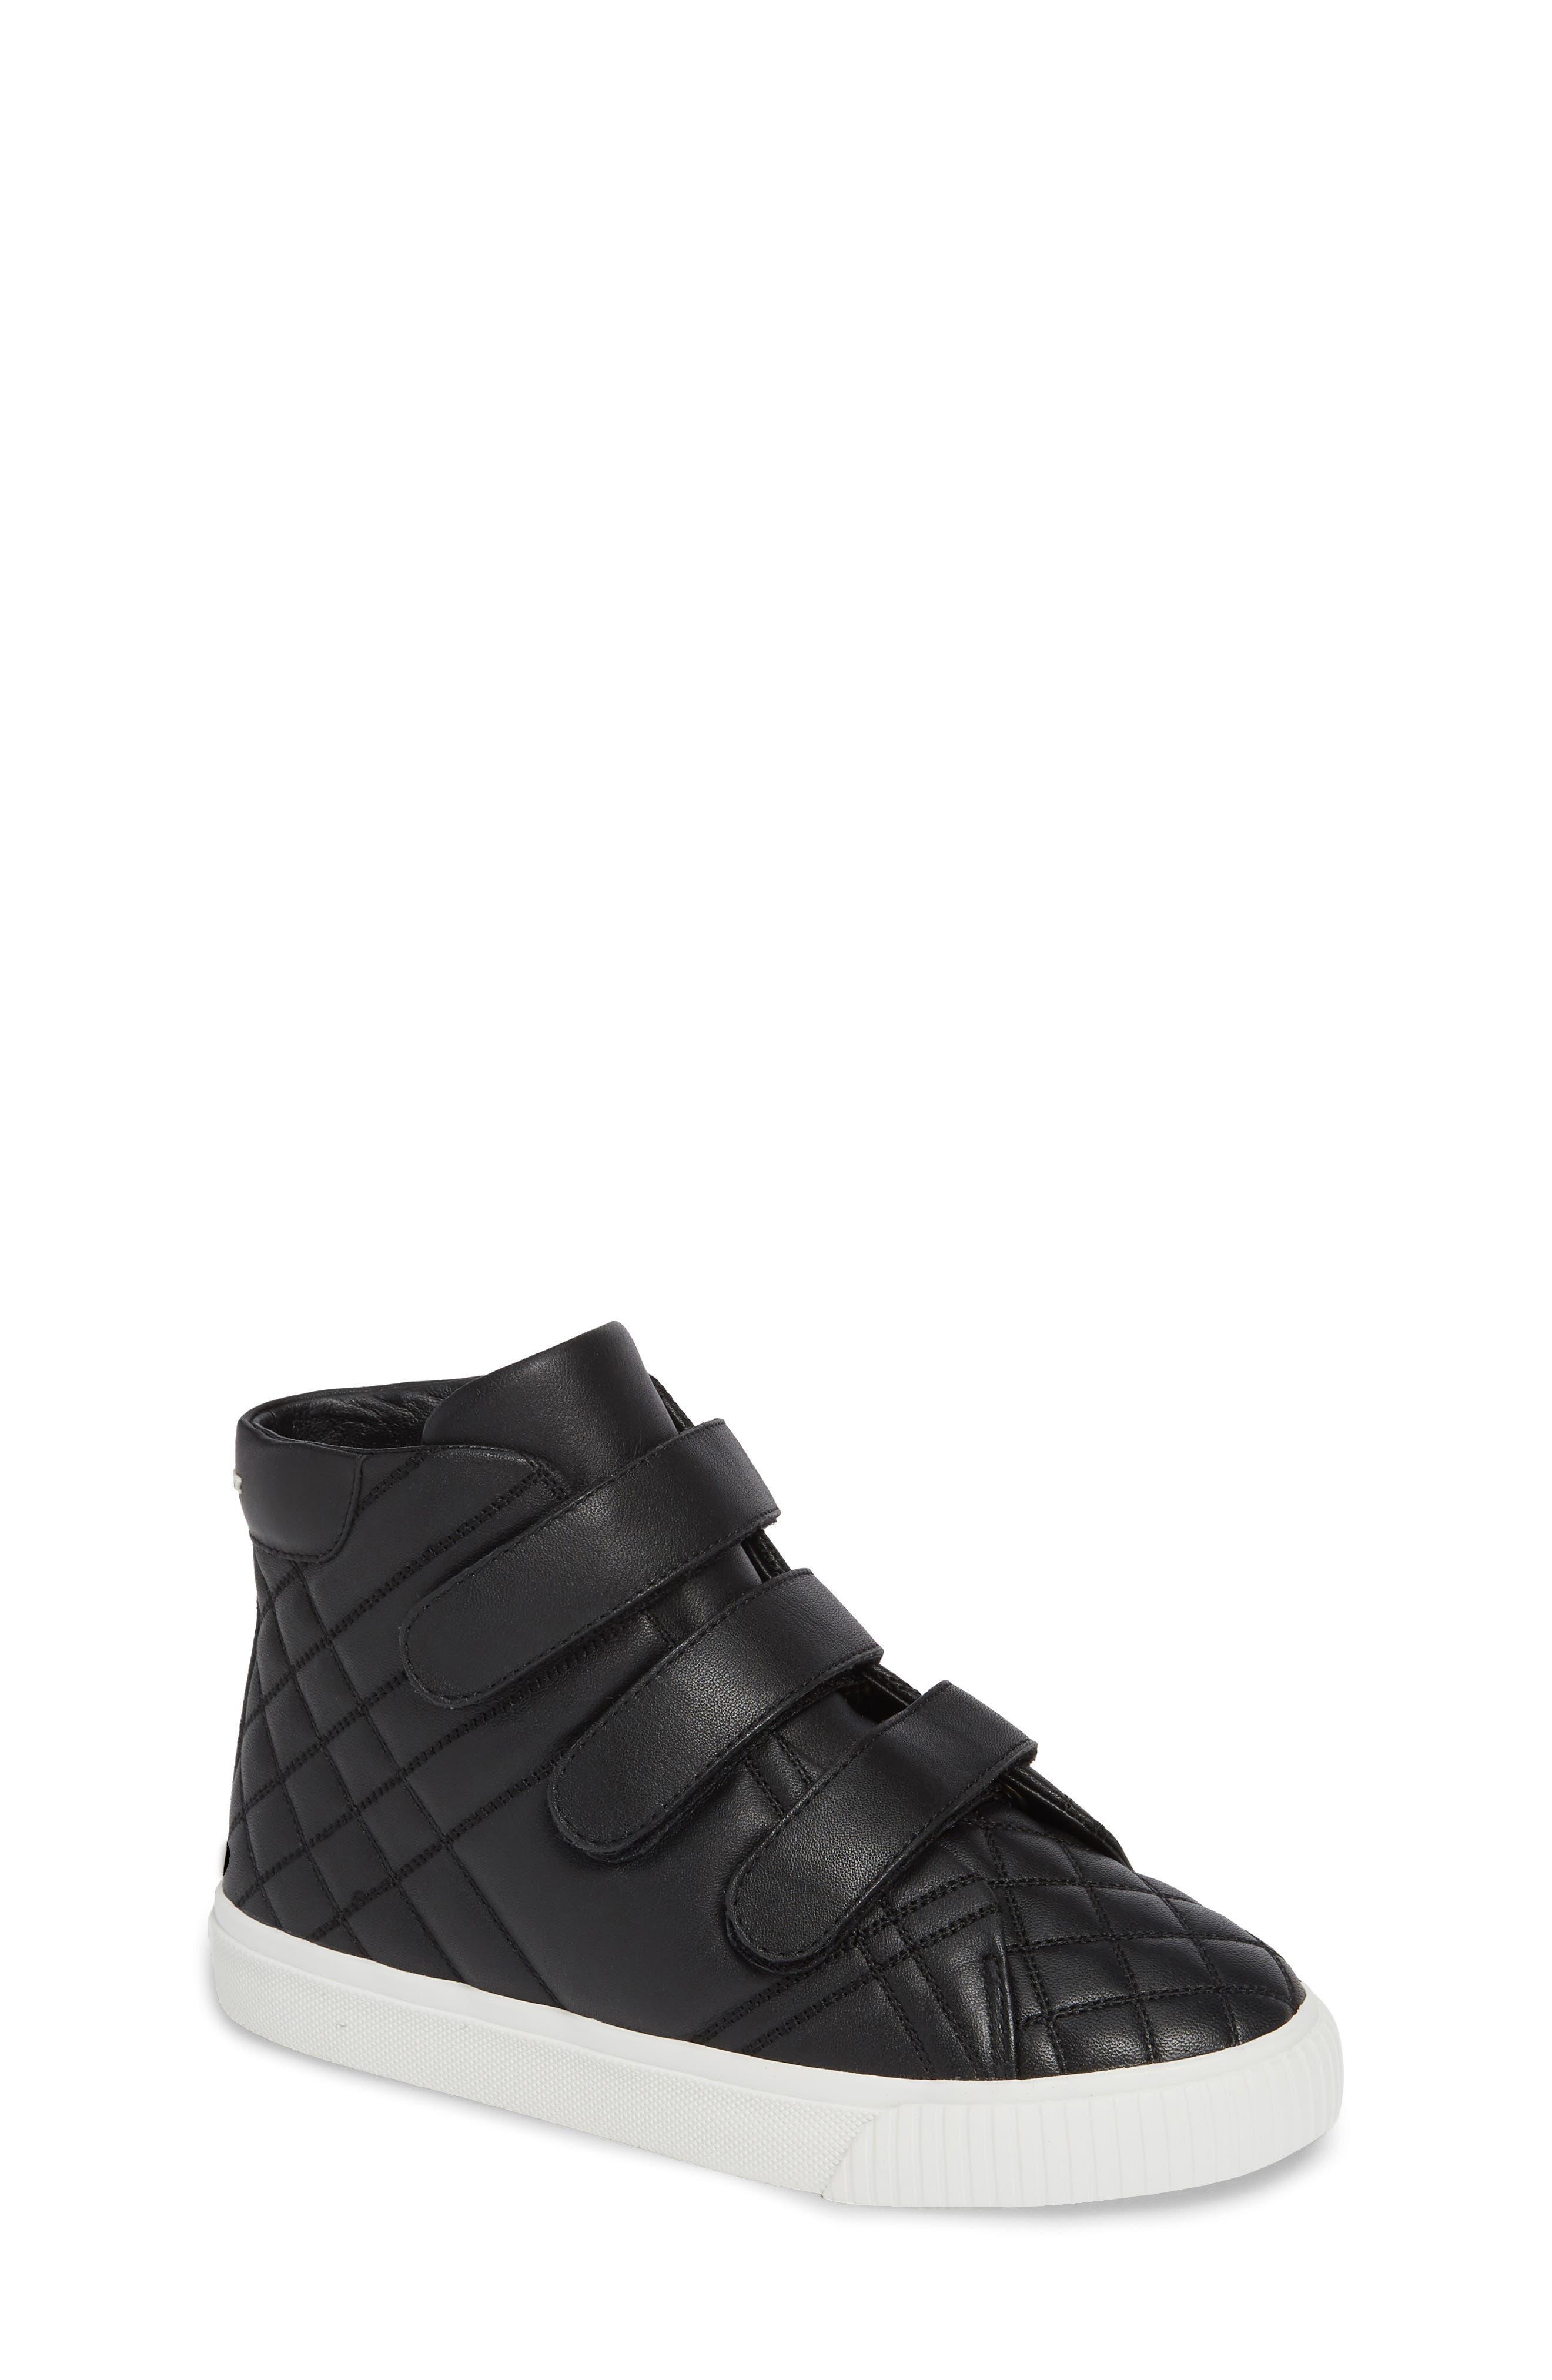 Burberry Sturrock Hi Top Sneaker